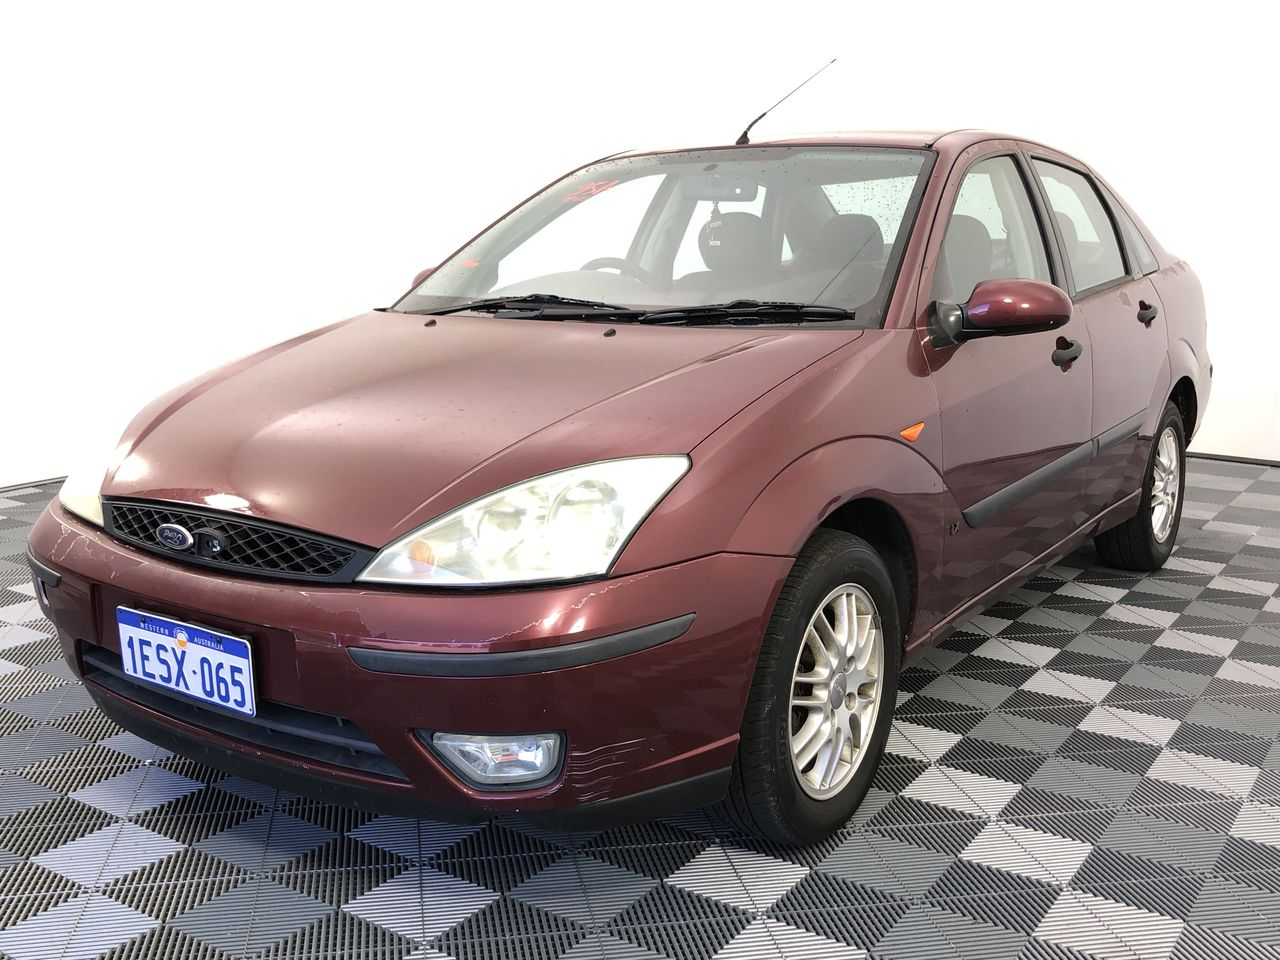 2004 Ford Focus LX LR Automatic Sedan